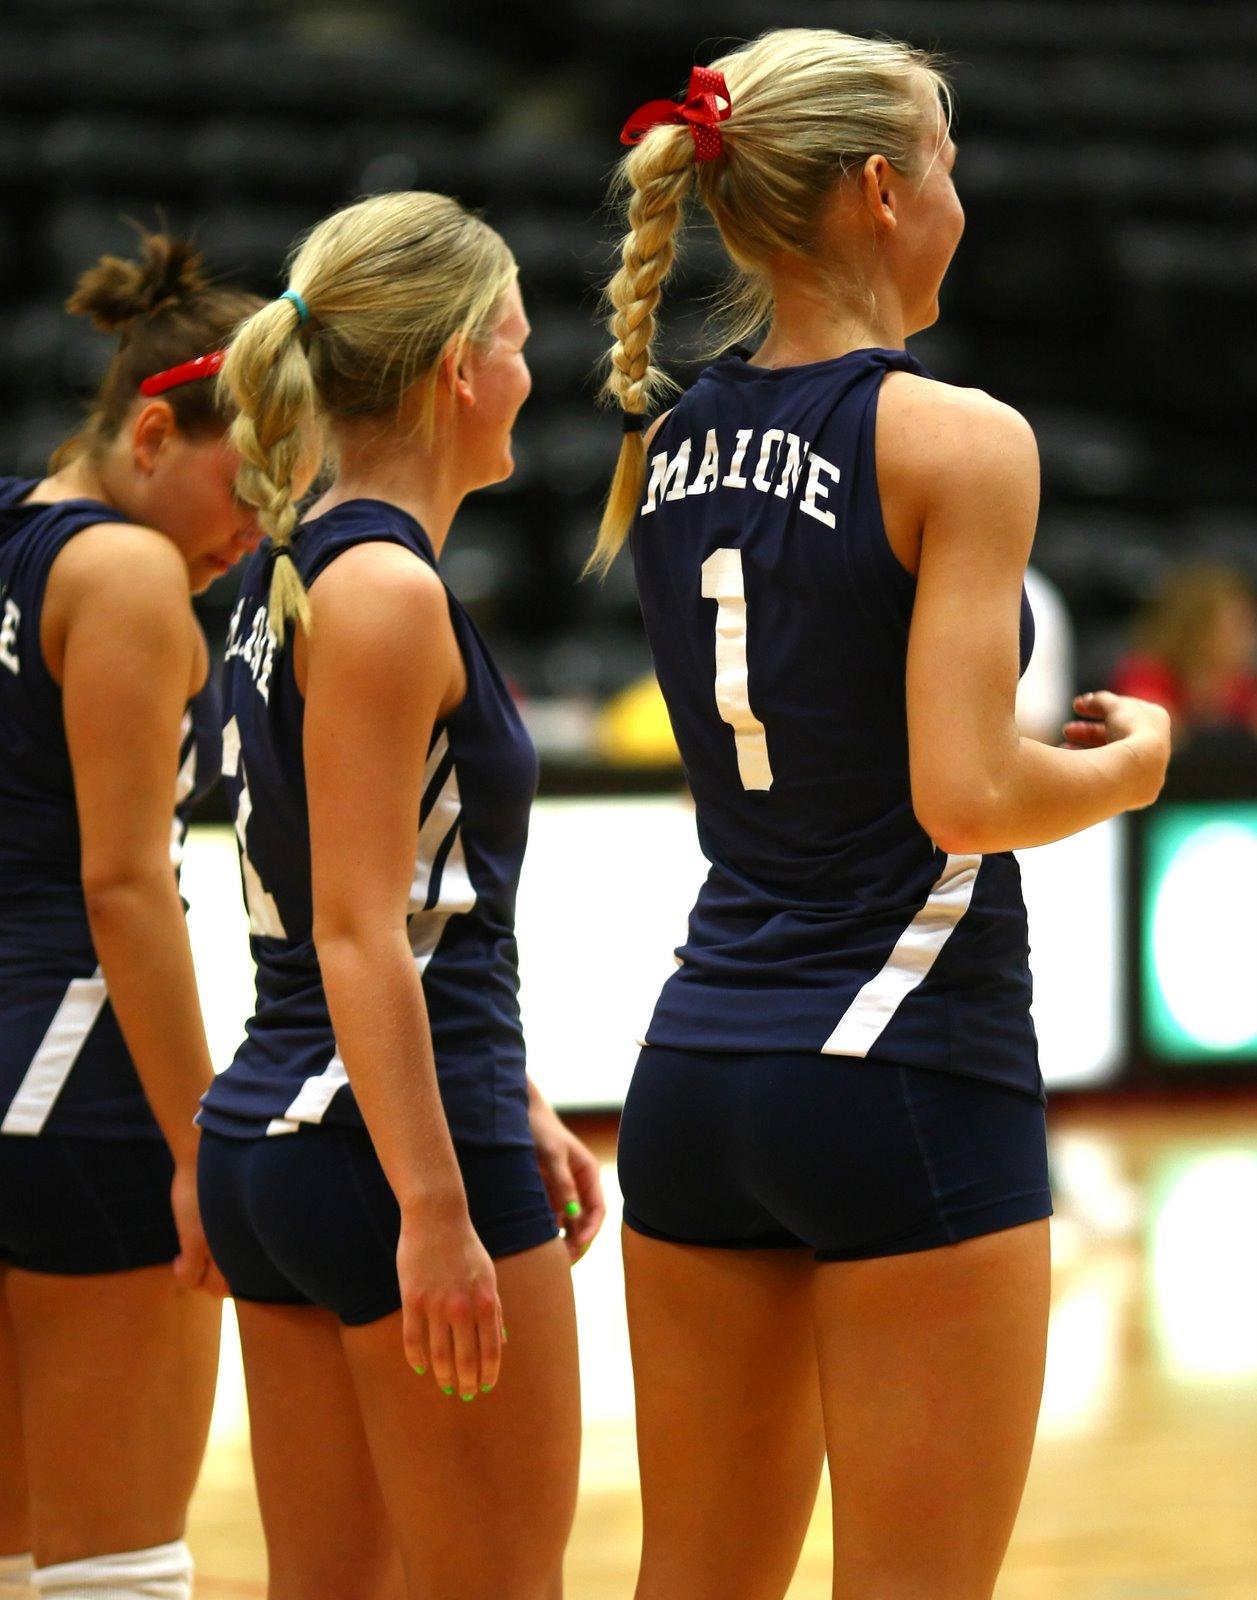 Hot volleyball girls ass